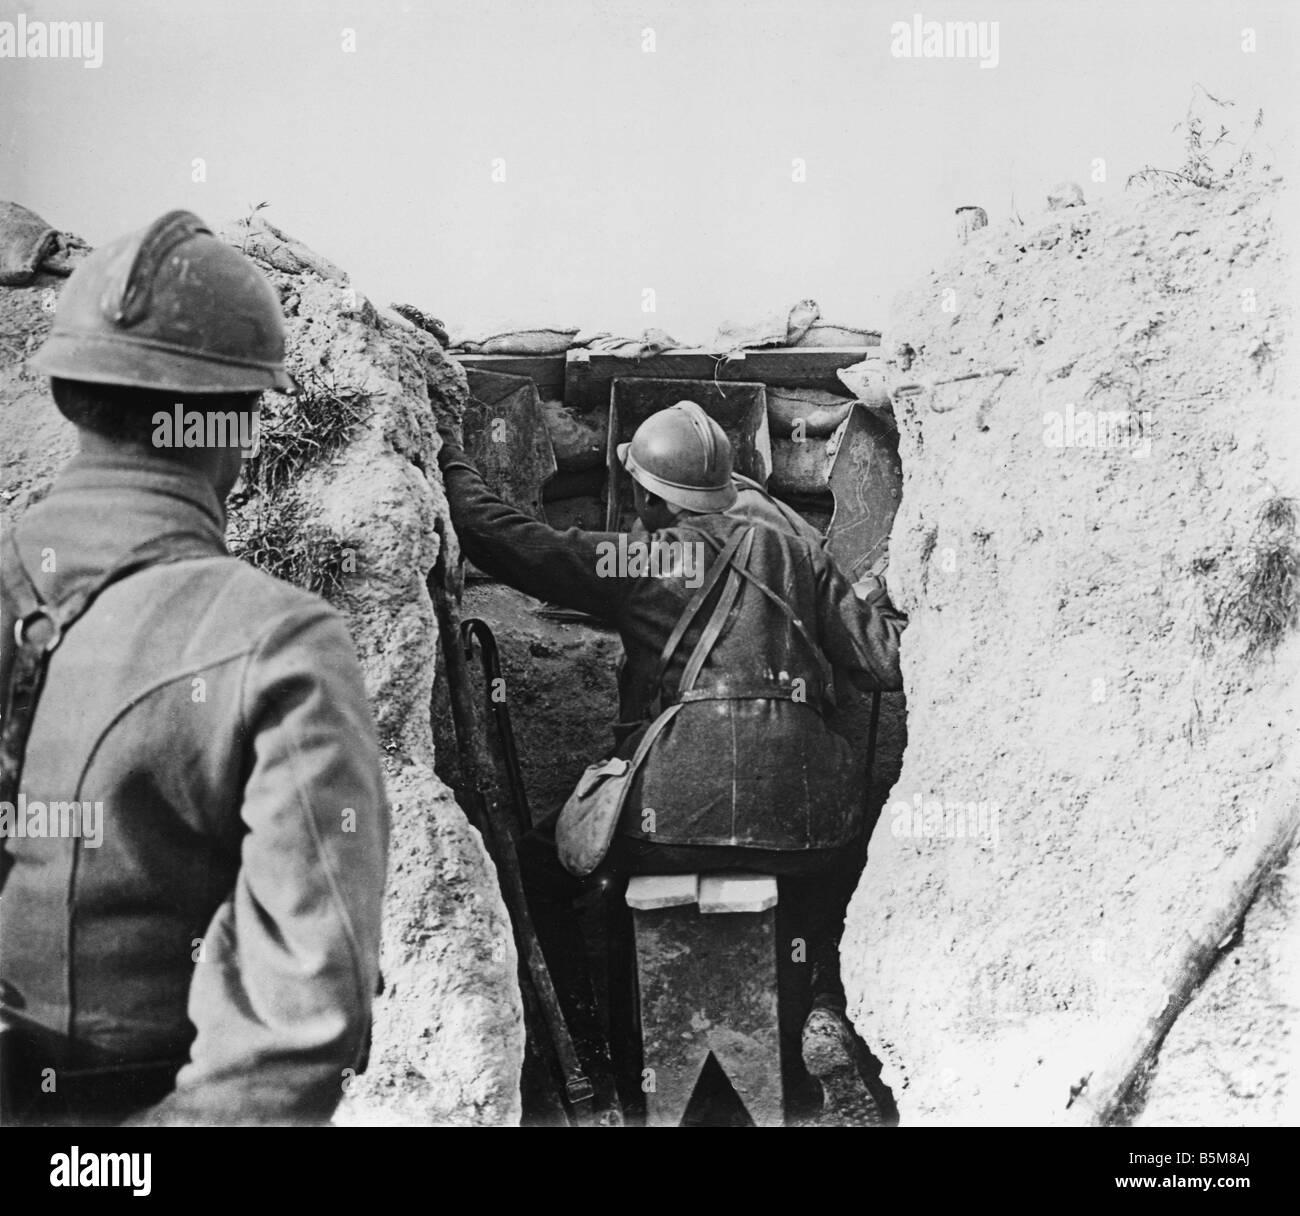 2 G55 F1 1915 E 15 soldats français dans la PREMIÈRE GUERRE MONDIALE dans les tranchées de la Première Photo Stock